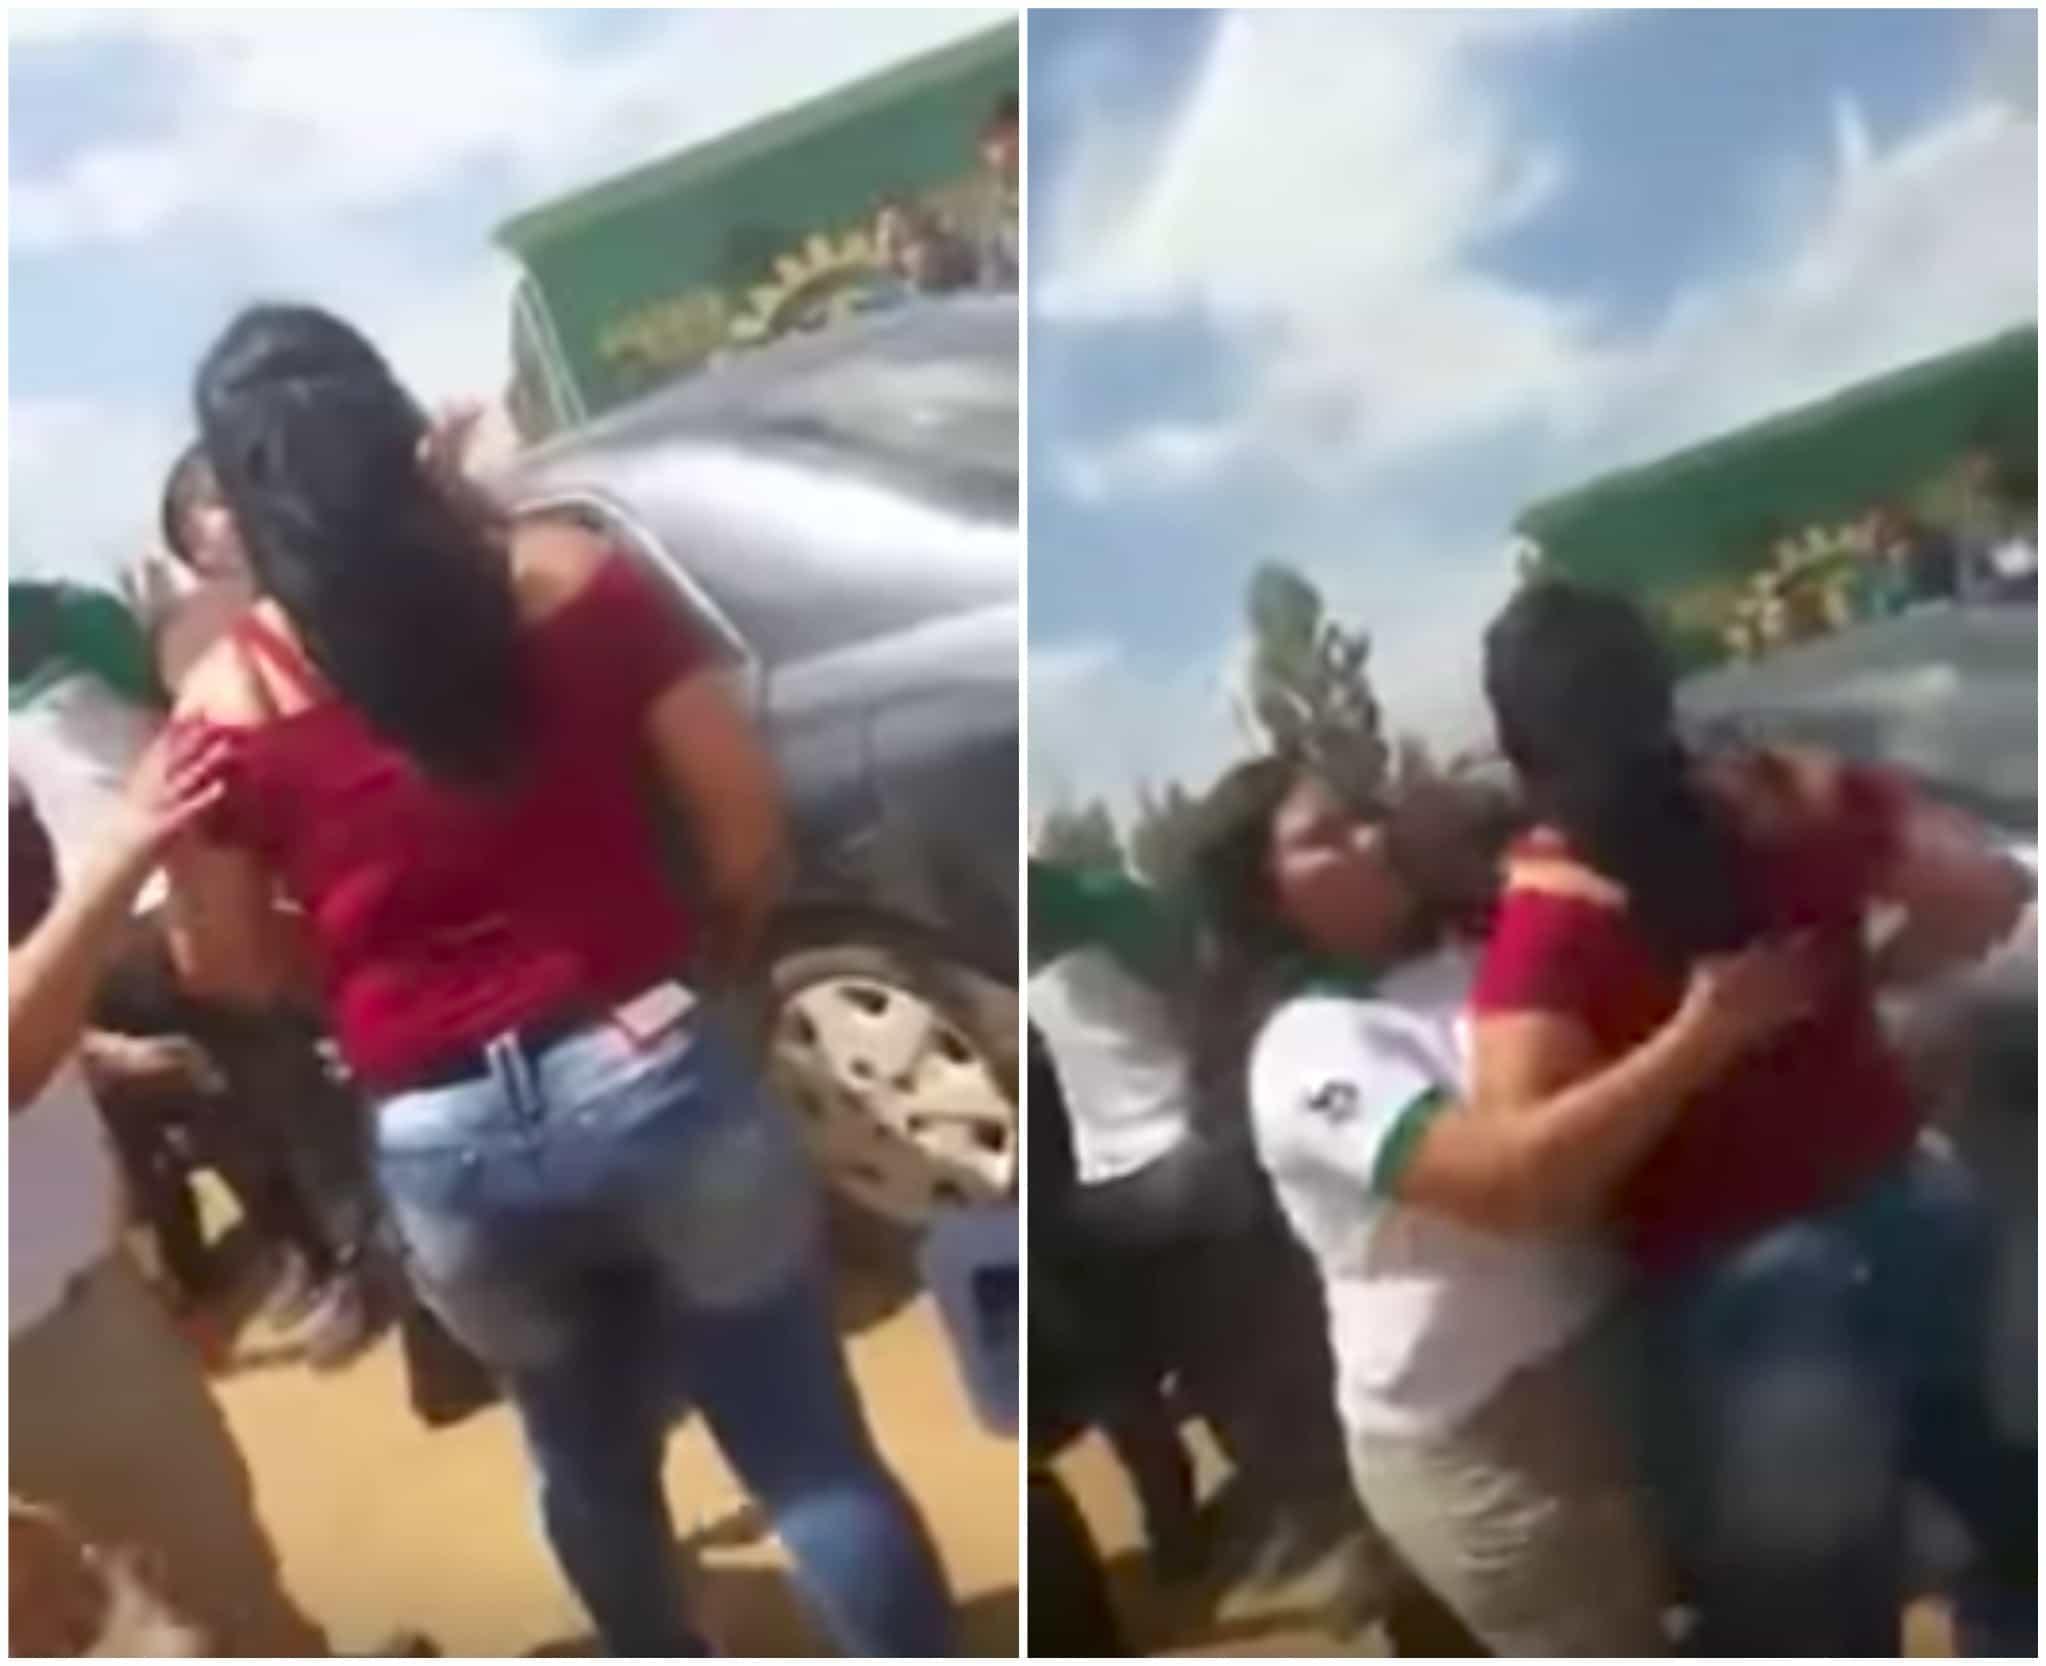 Mujer que agredió a estudiante. Pulzo.